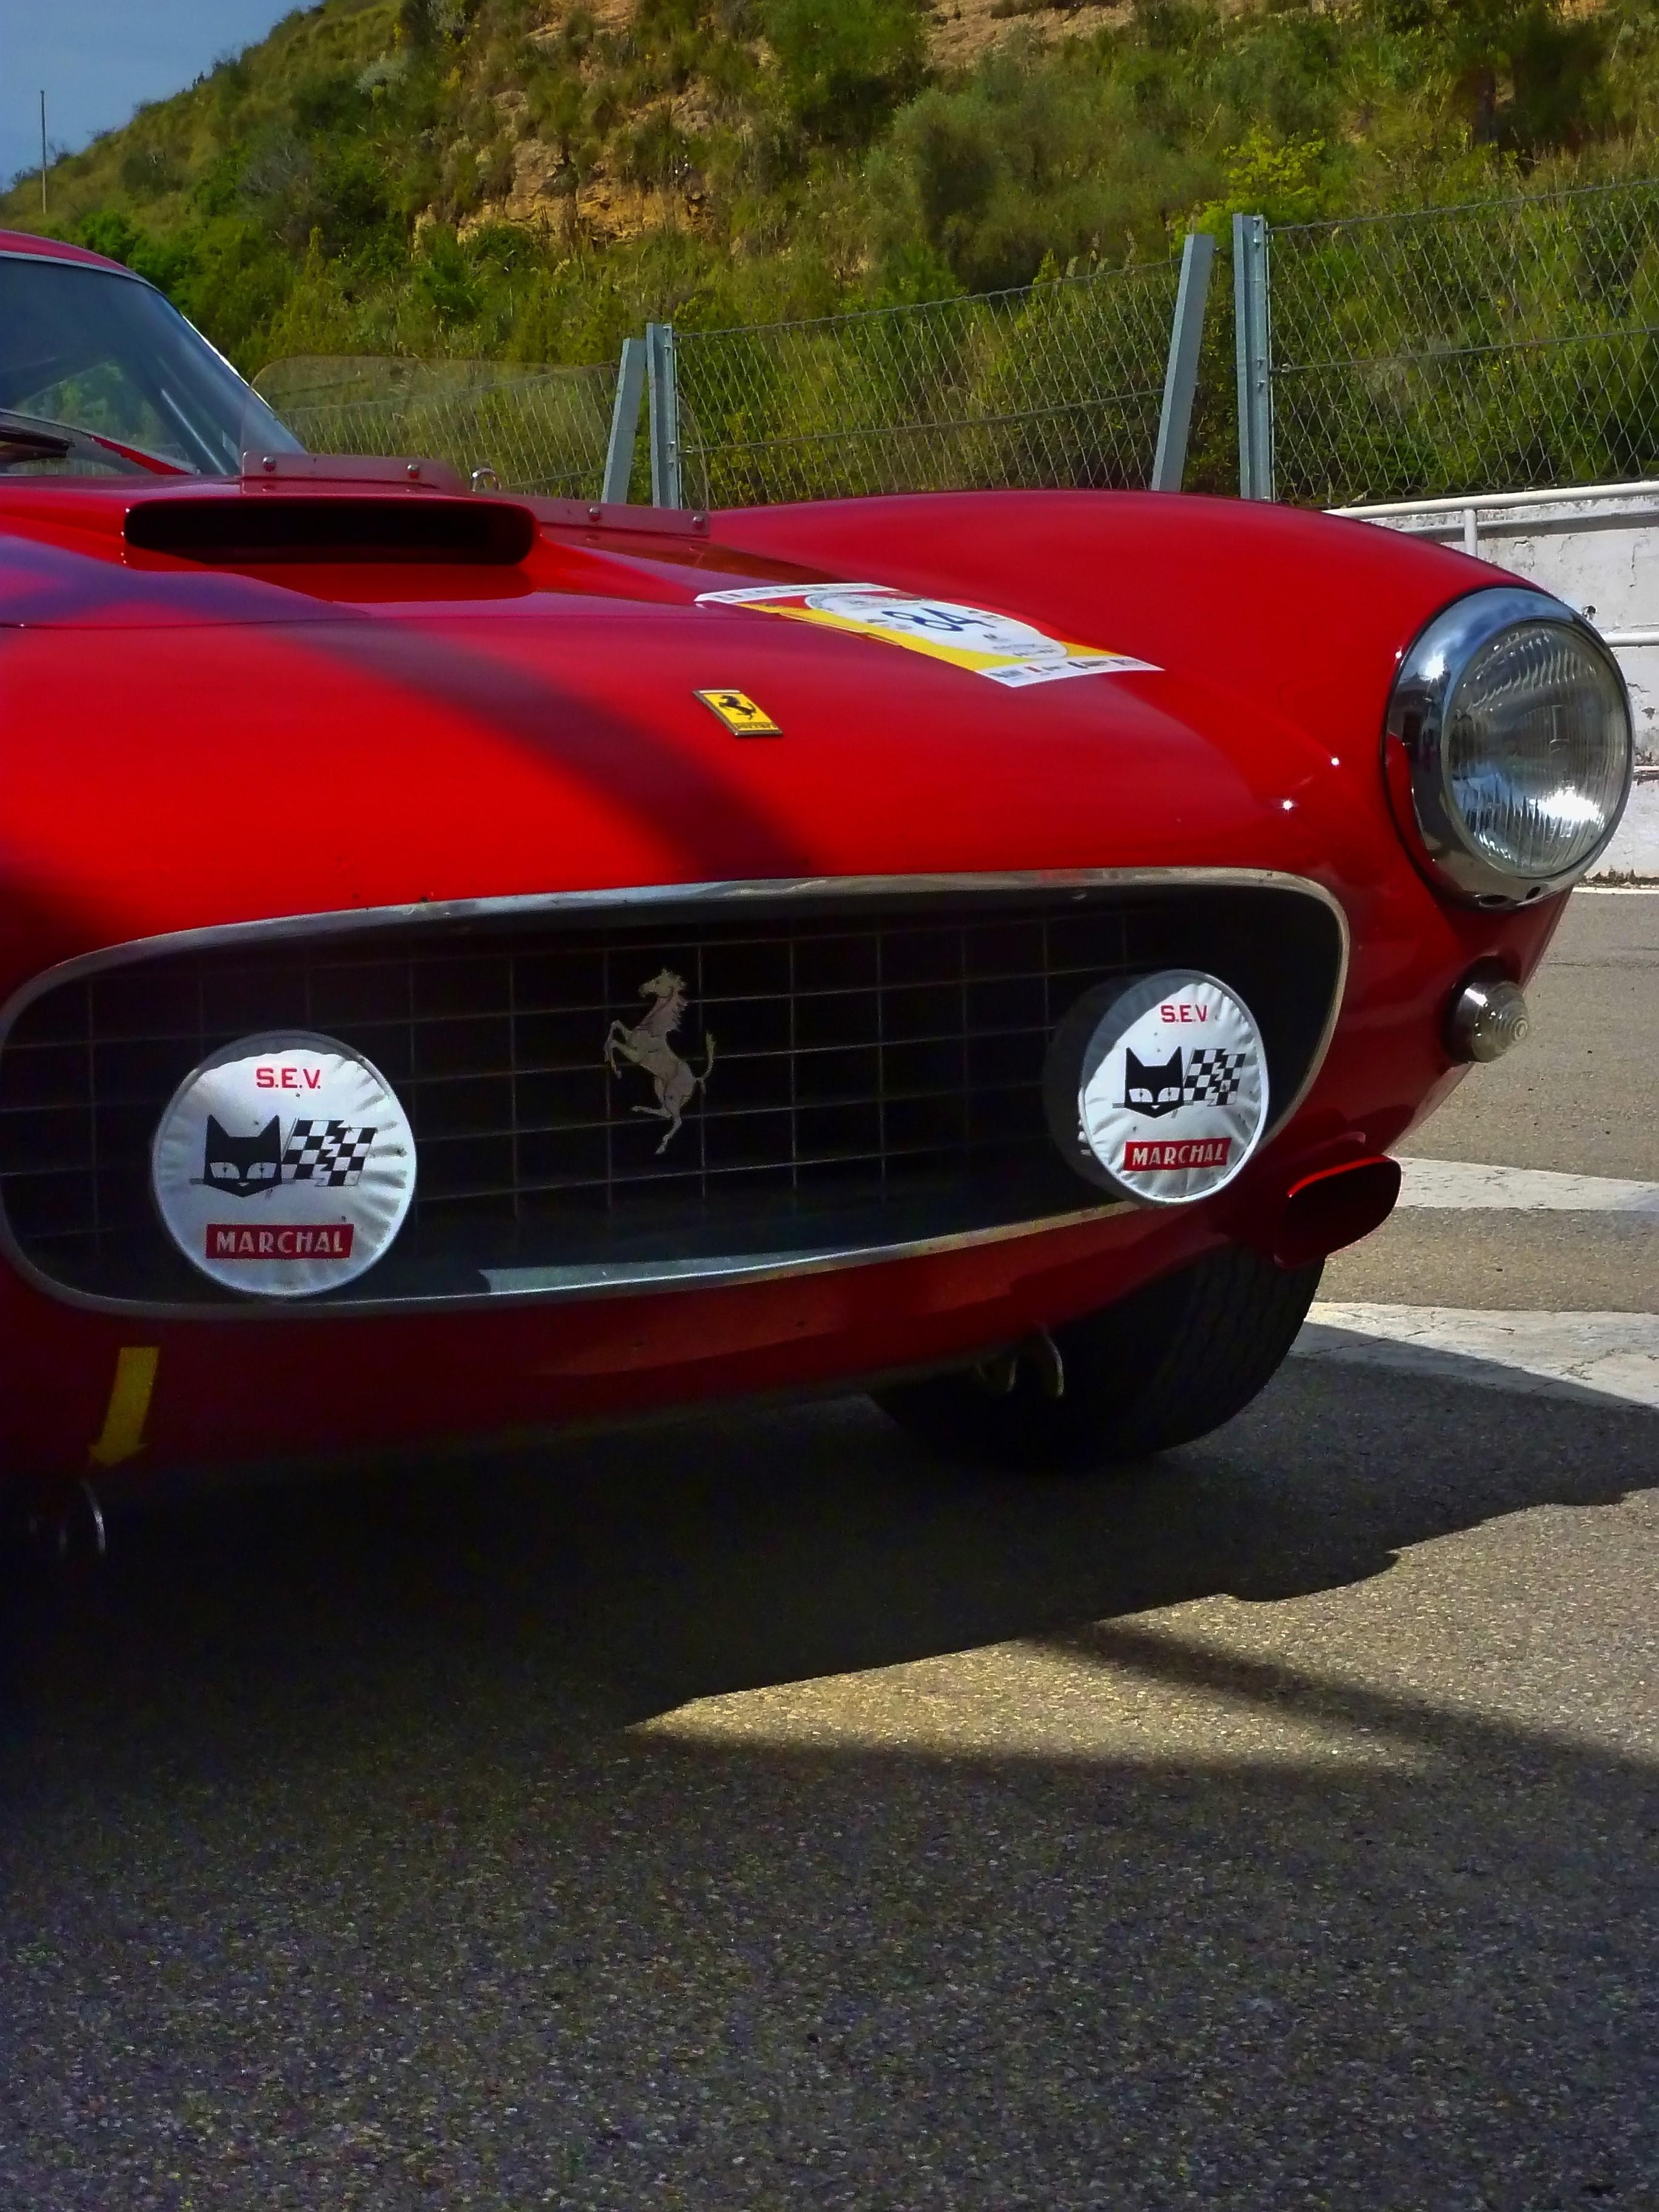 1961 Ferrari 250 GT SWB #2701 (16)_filtered